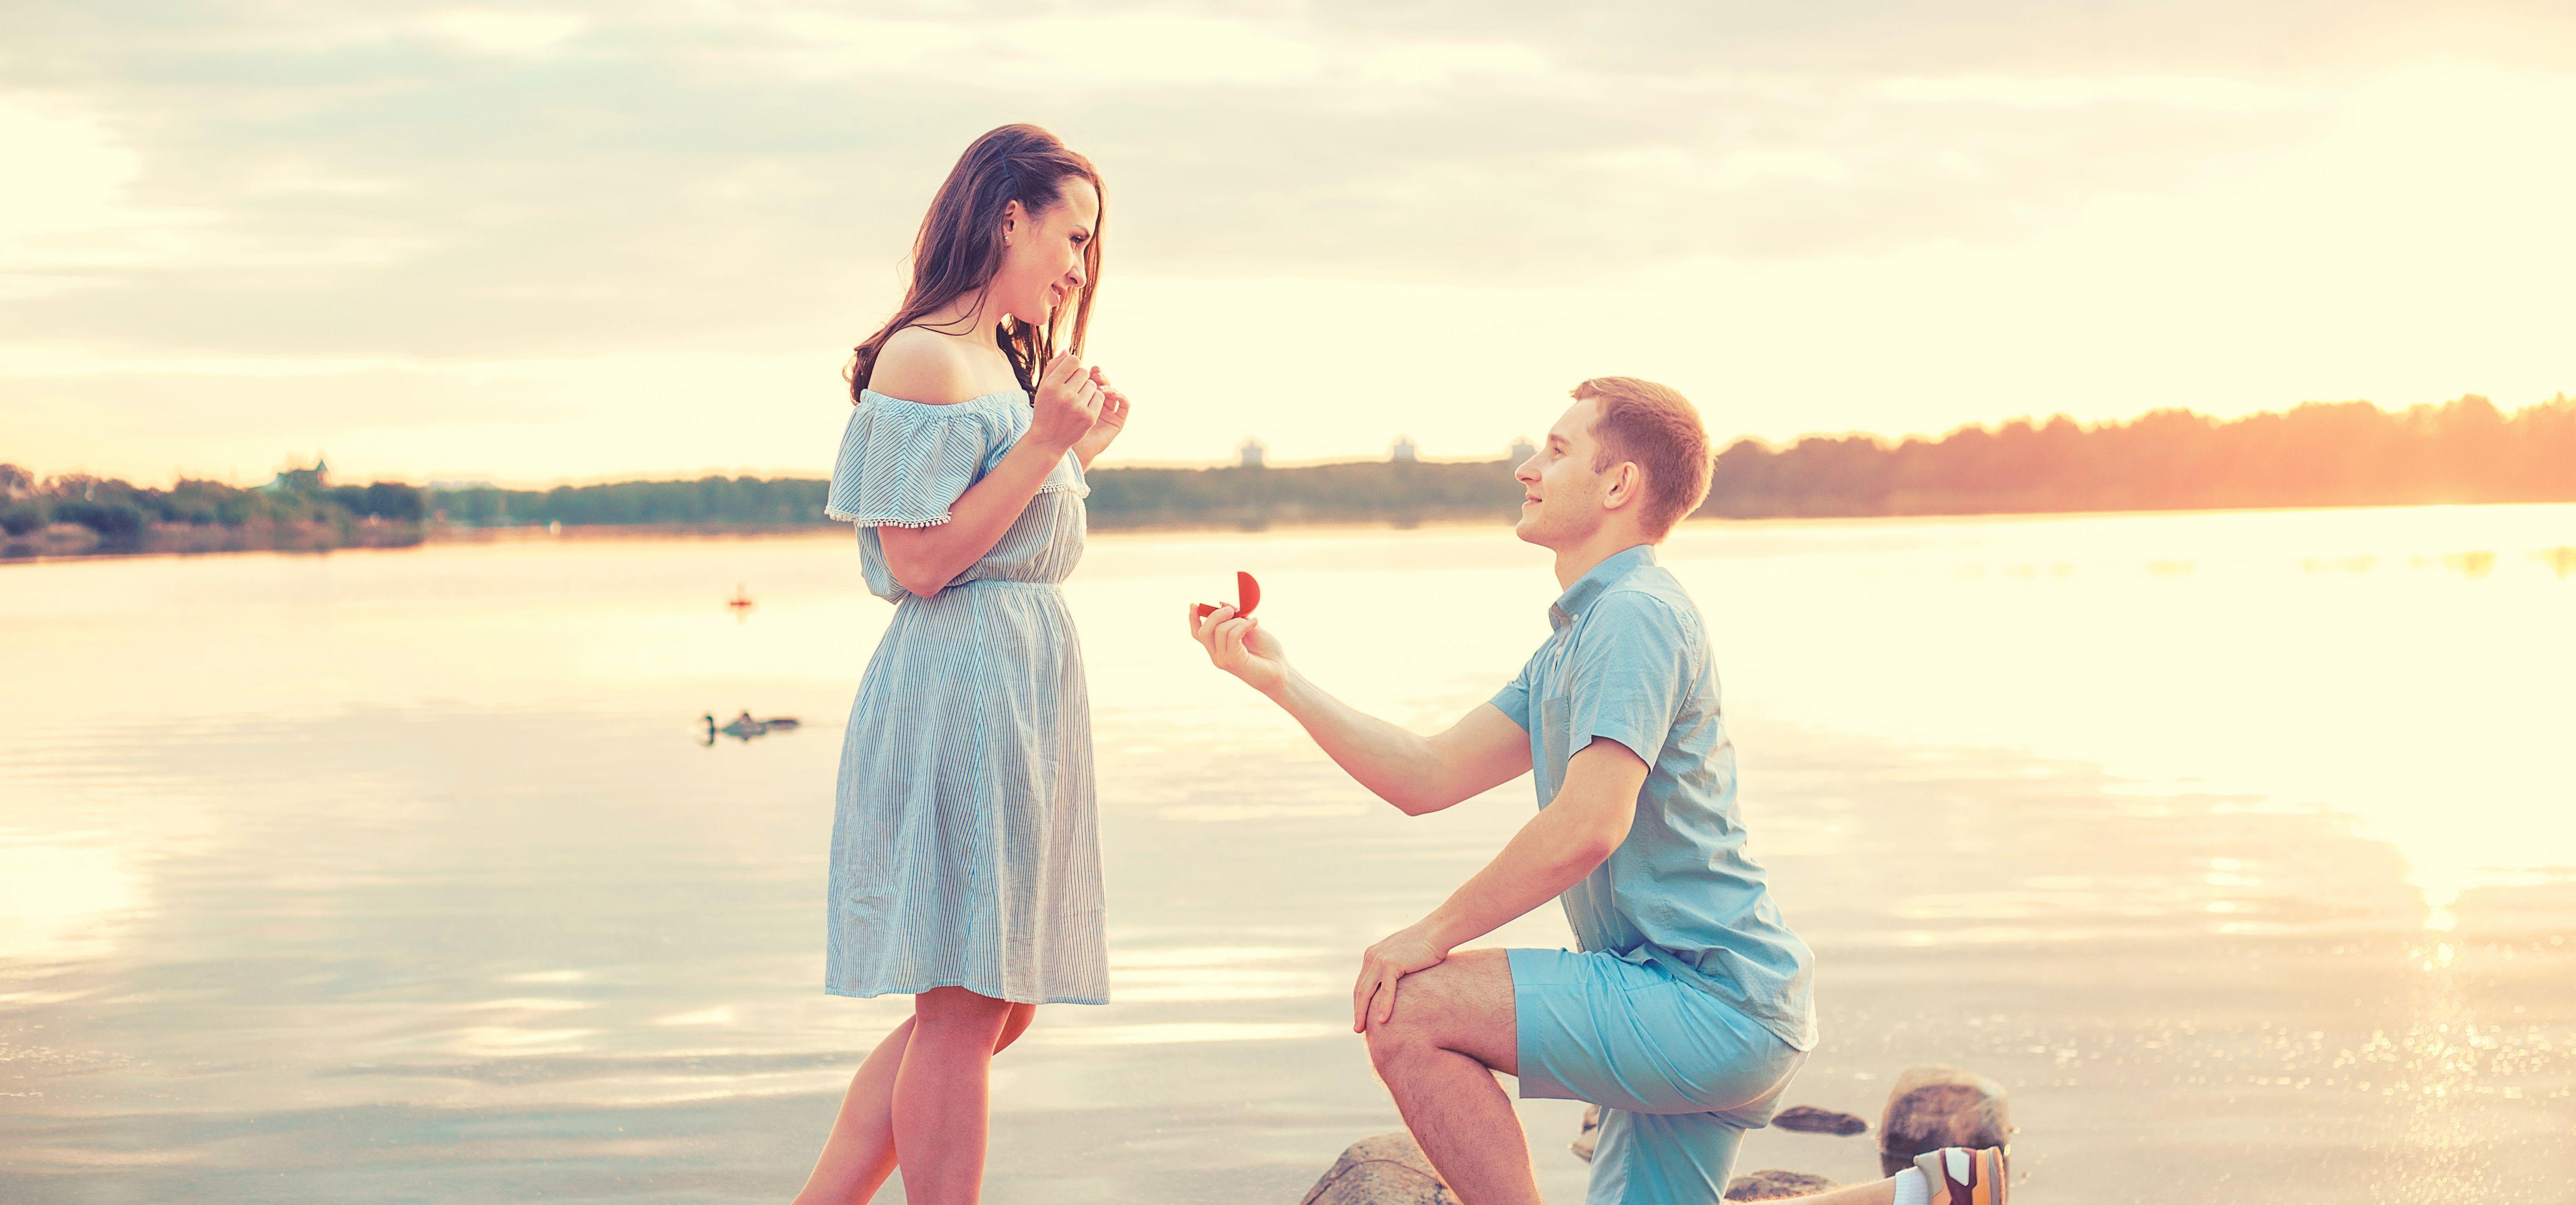 7 Ideias Criativas Para Fazer O Pedido De Casamento